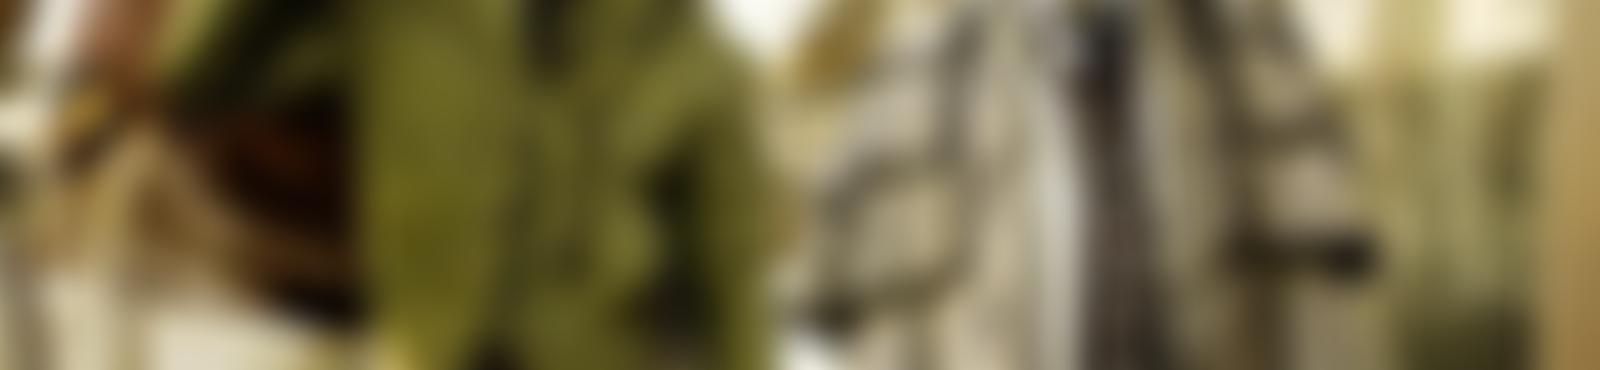 Blurred ff3408a3 485c 4f68 802e 002d5619bff1